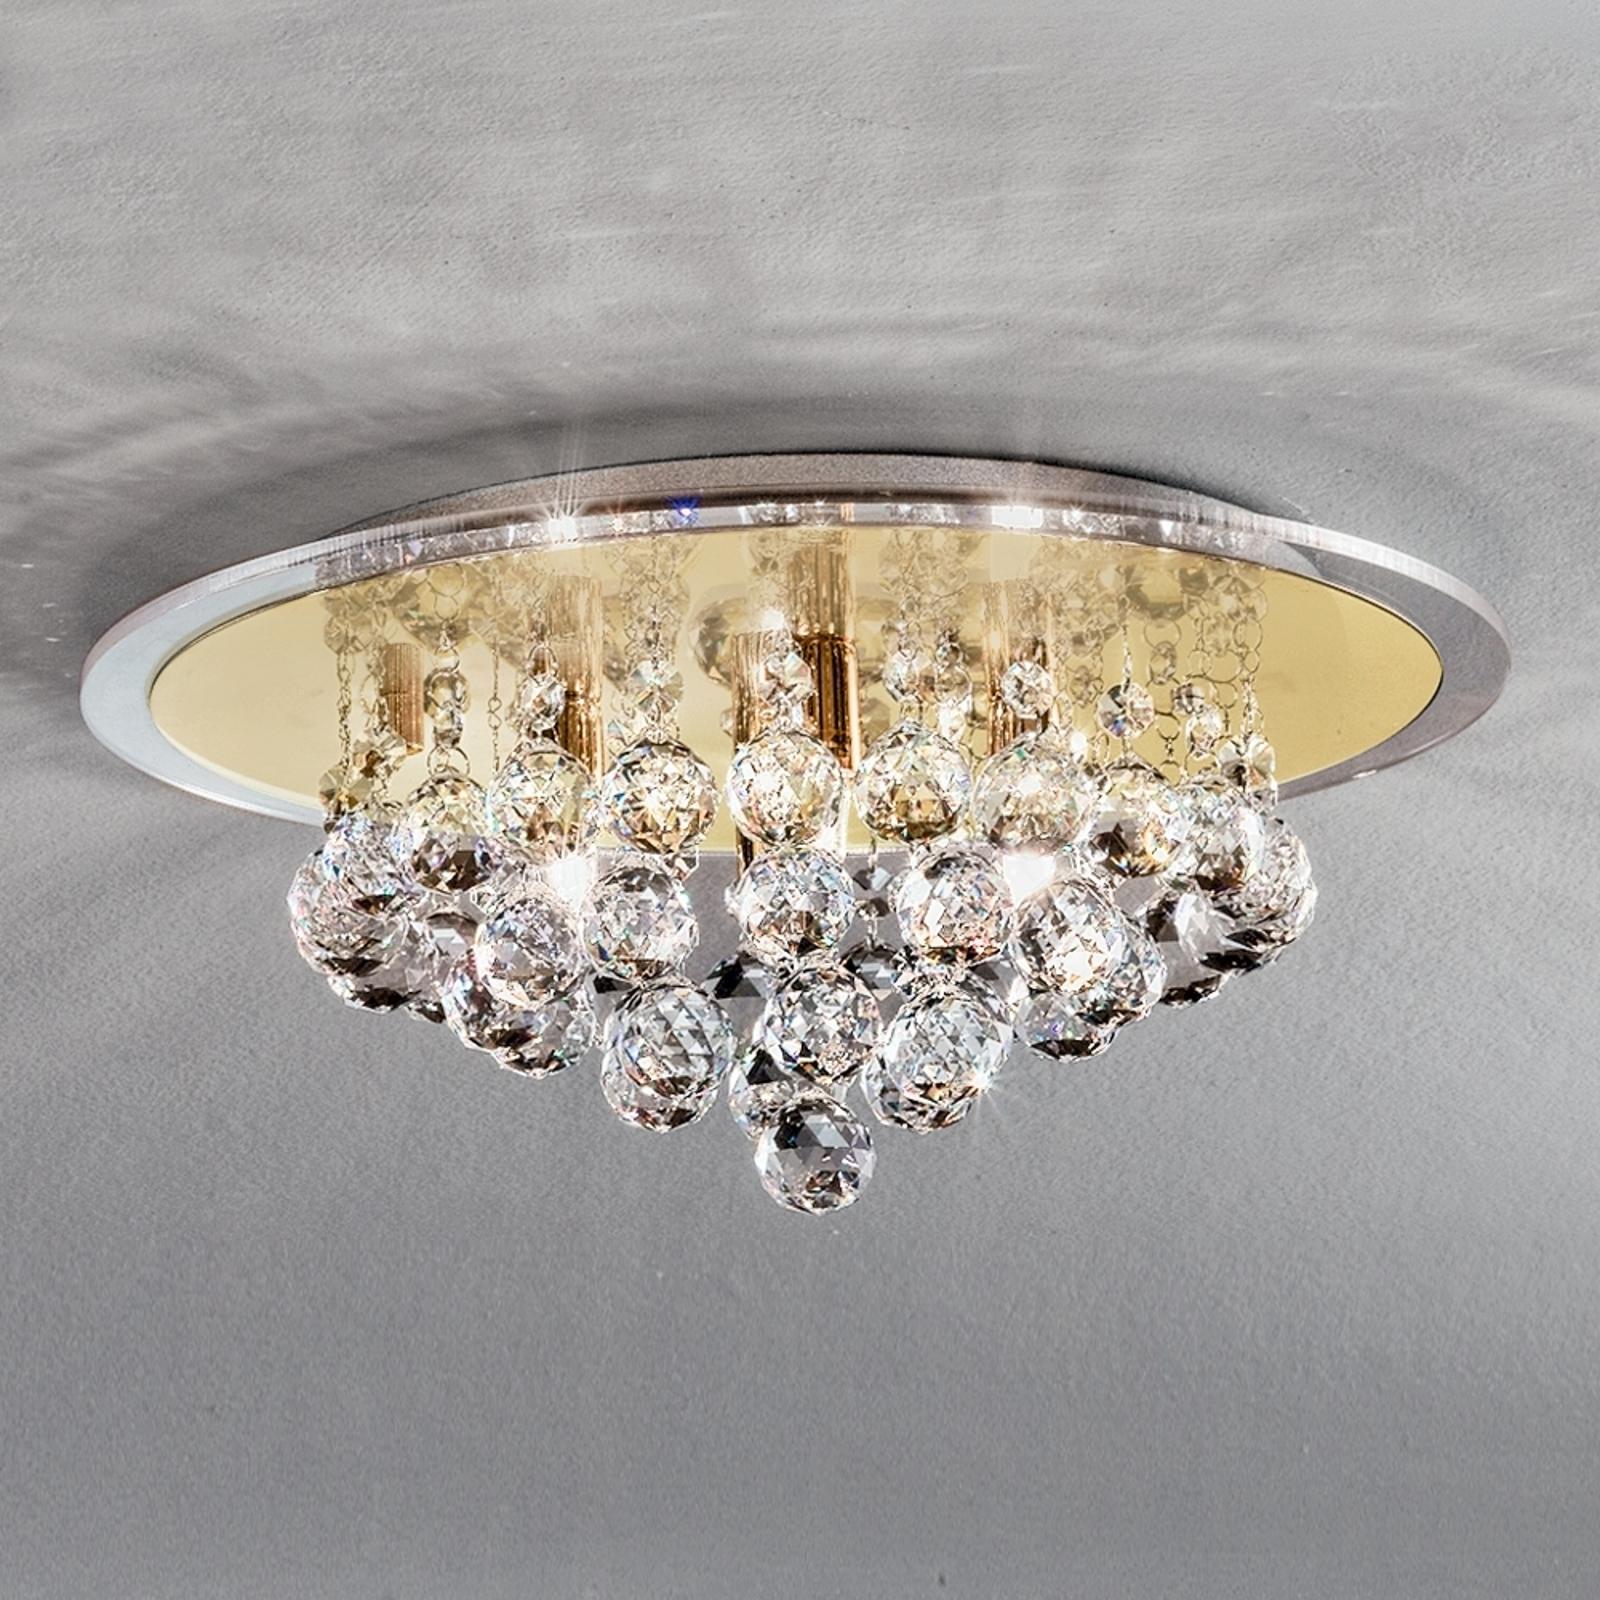 Tehokas kristalli-kattovalaisin TUILA 38 cm